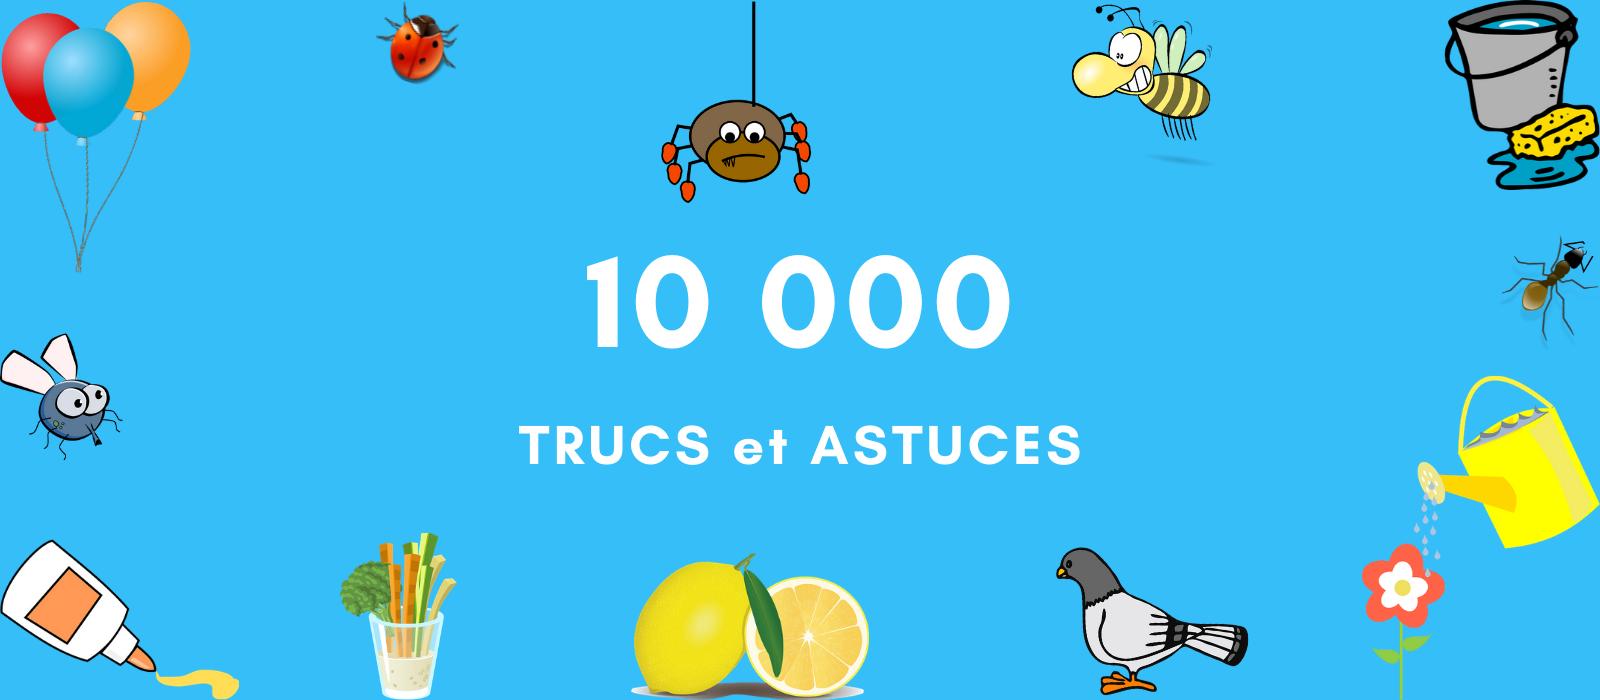 10-trucs c'est 10000 trucs et astuces pratiques et gratuits